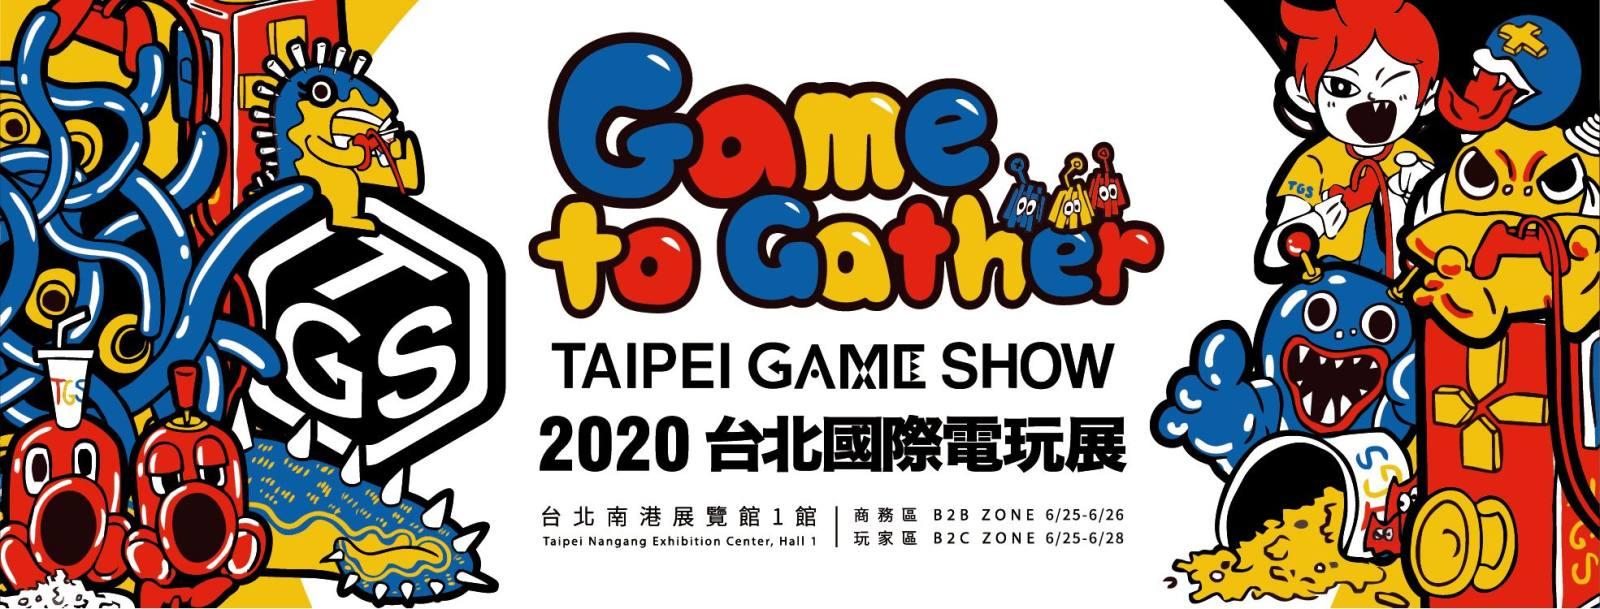 受疫情影响,2020年台北电玩展正式取消